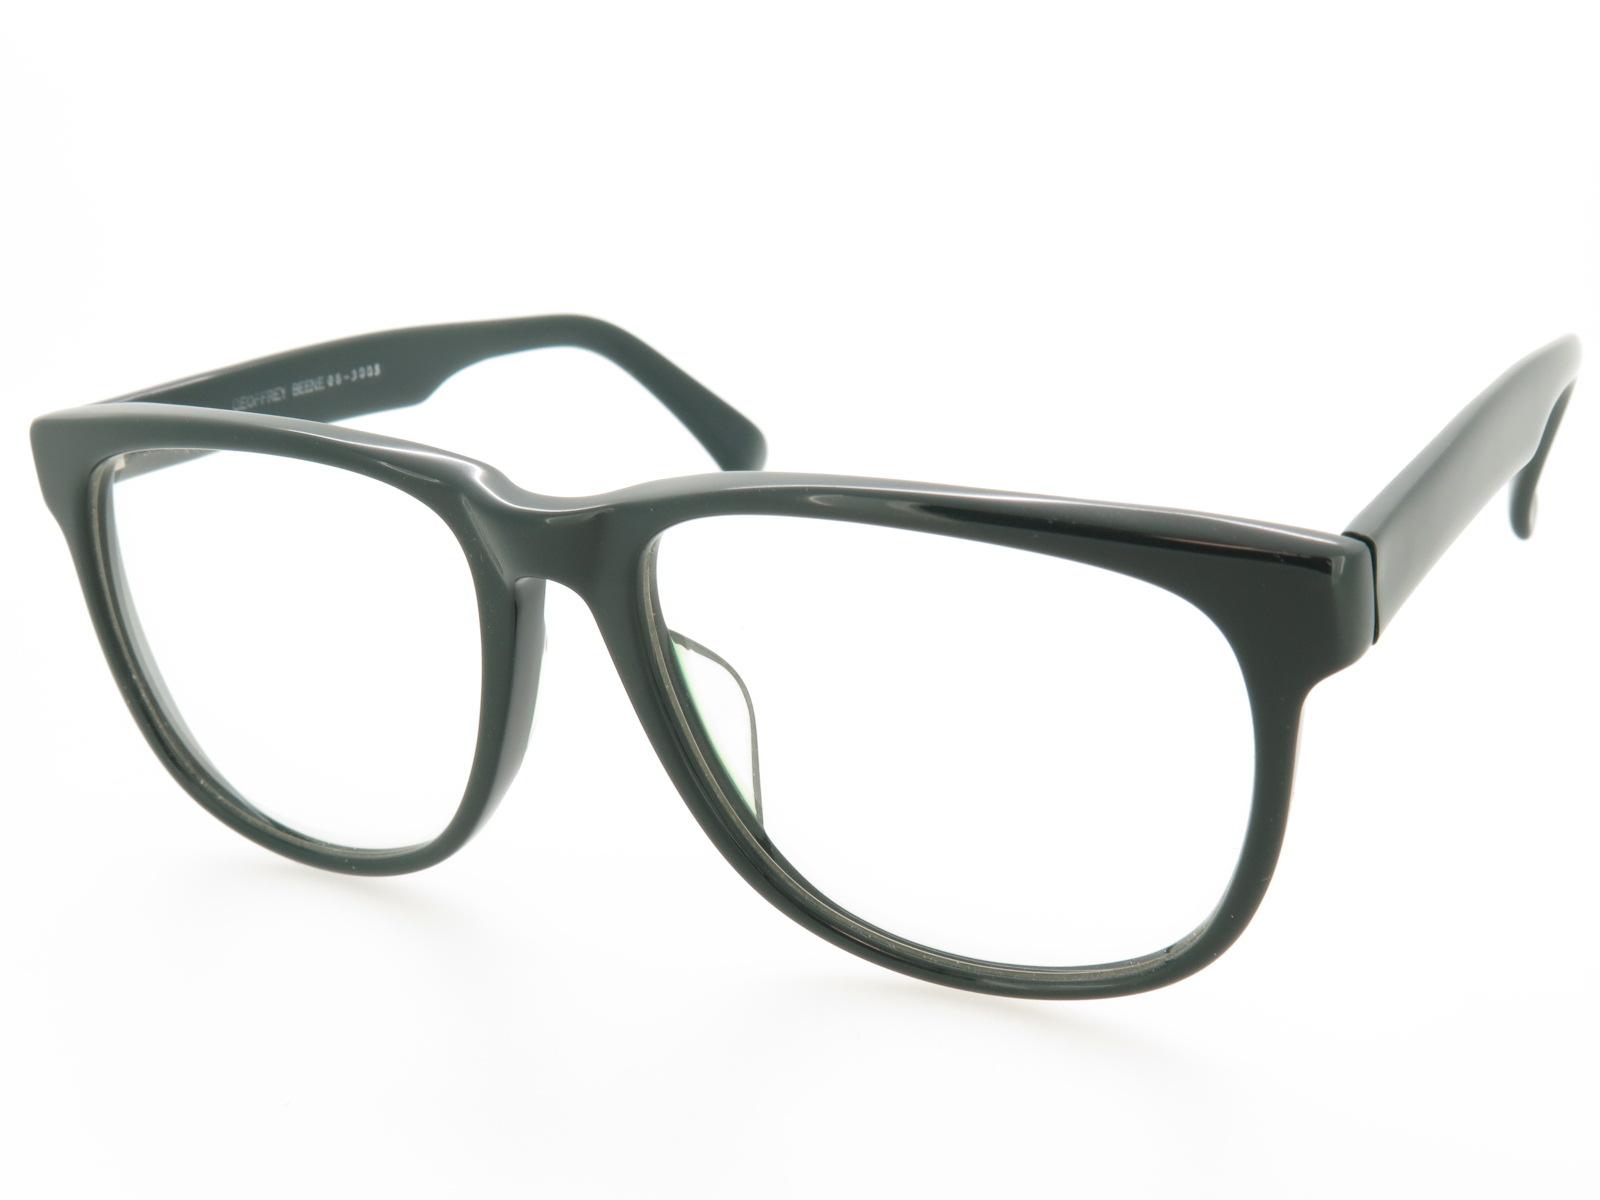 超薄型レンズ付セット スクエア型 セルフレーム GB3005 モスグリーン 56サイズ